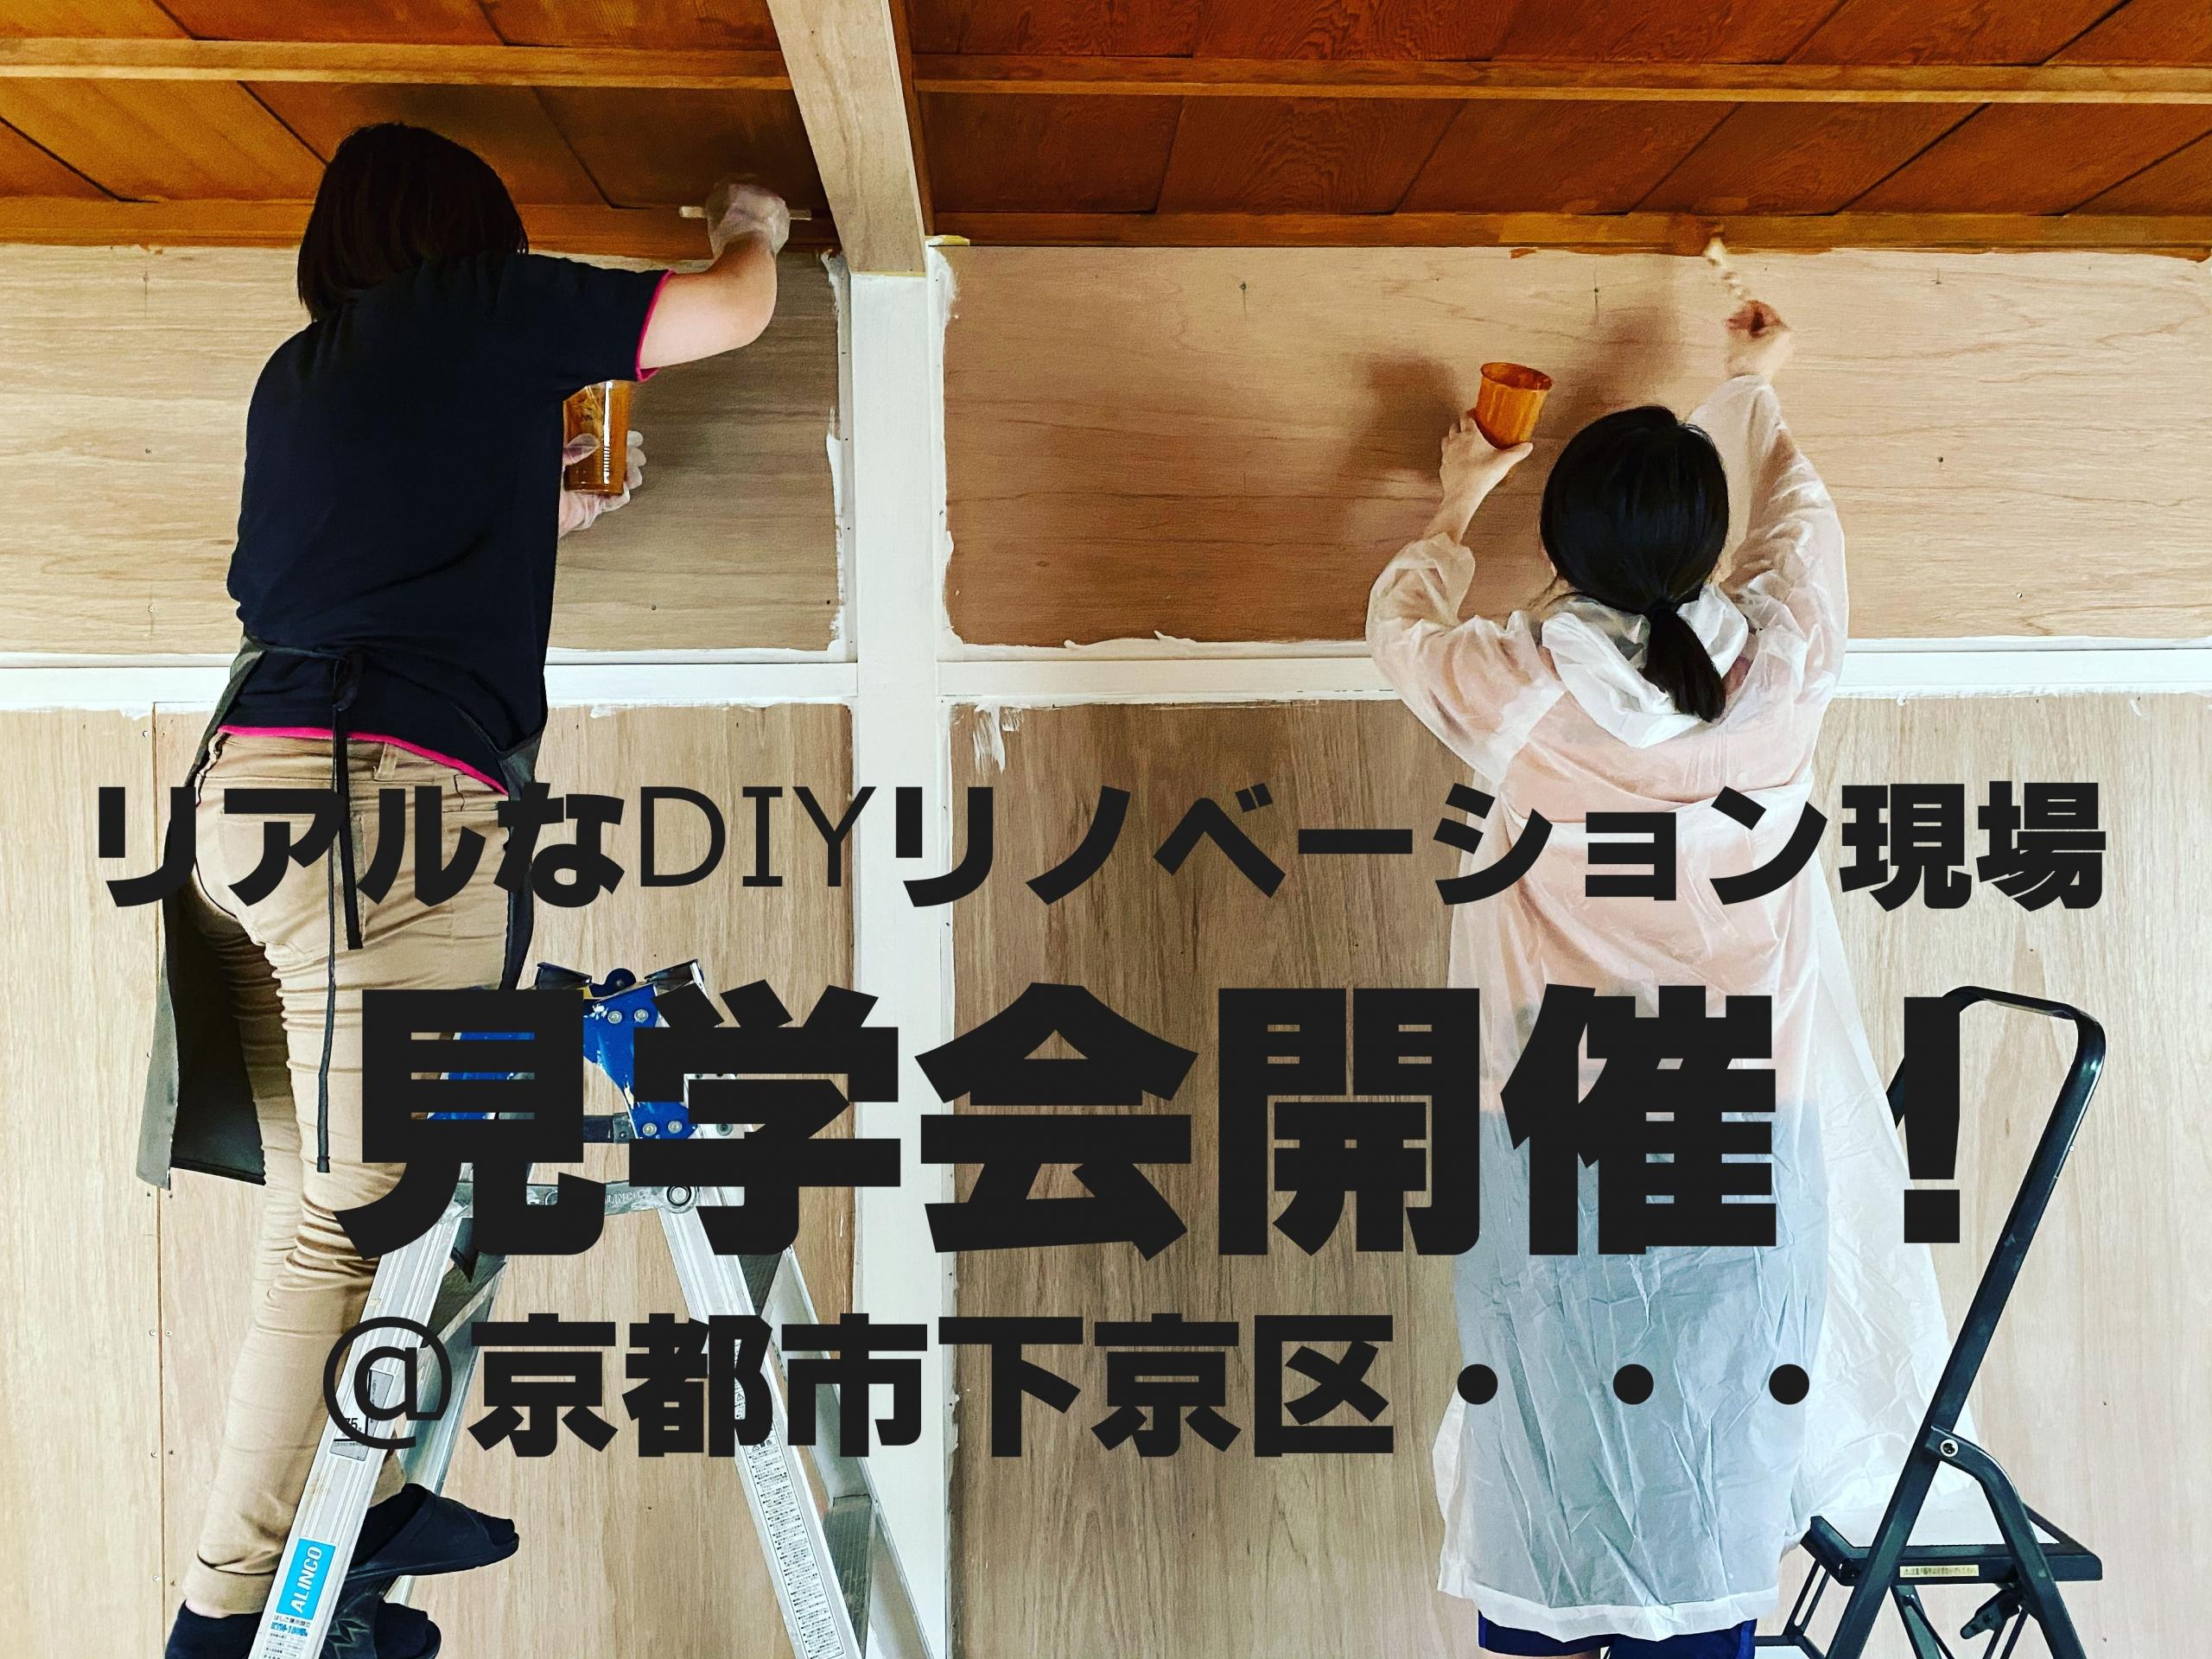 京都の出張ワークショップ,親子体験イベント京都,DIY体験京都